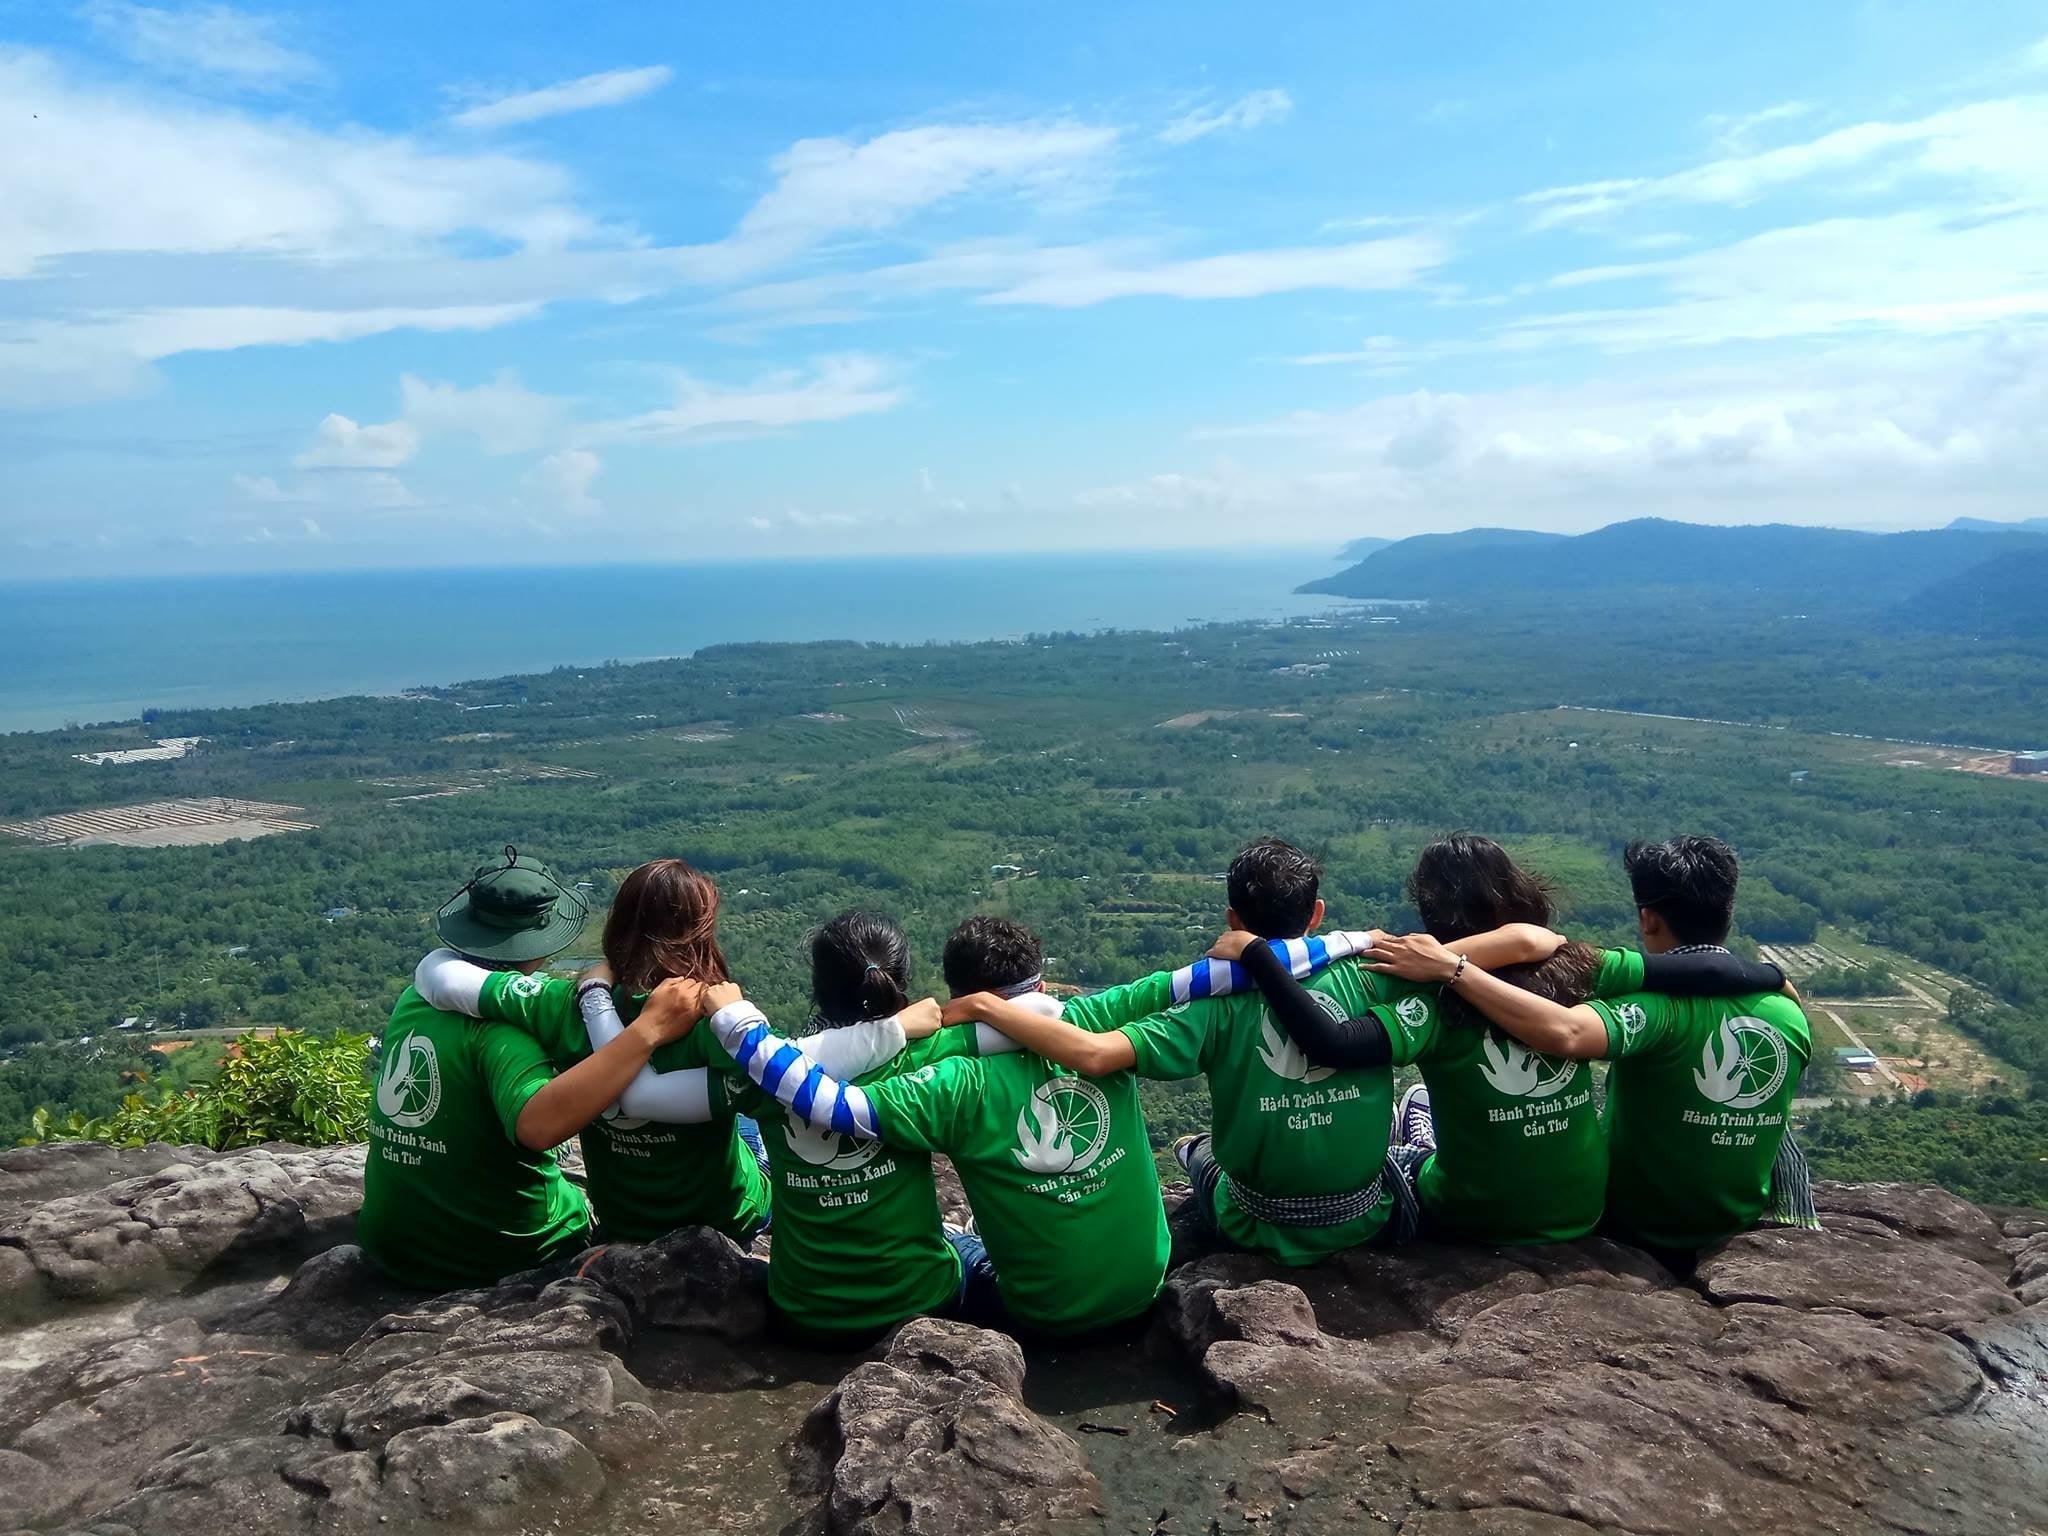 Khám phá top 4 địa điểm du lịch ít người biết ở Hàm Ninh - Phú Quốc